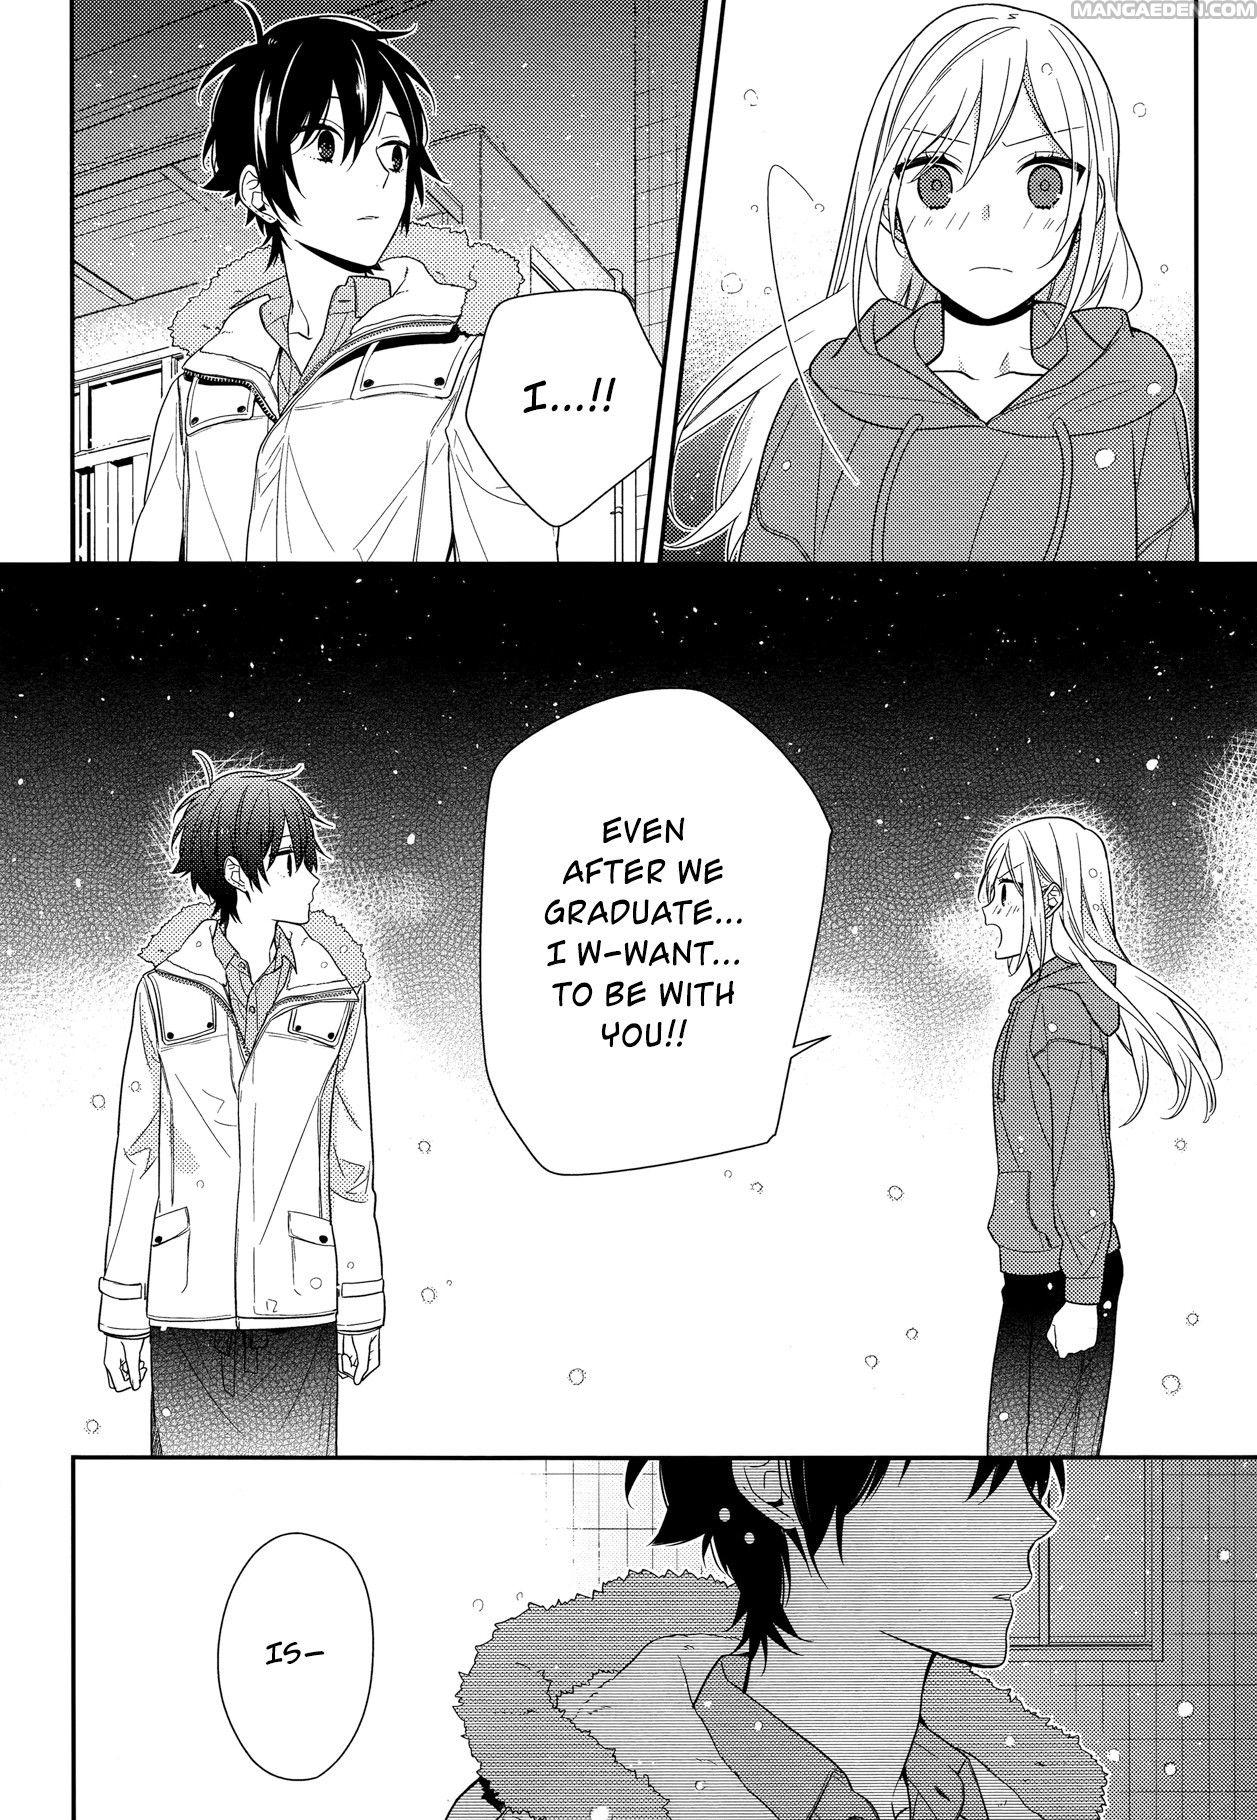 Manga Horimiya Chapter 63 Horimiya, Manga anime, Manga